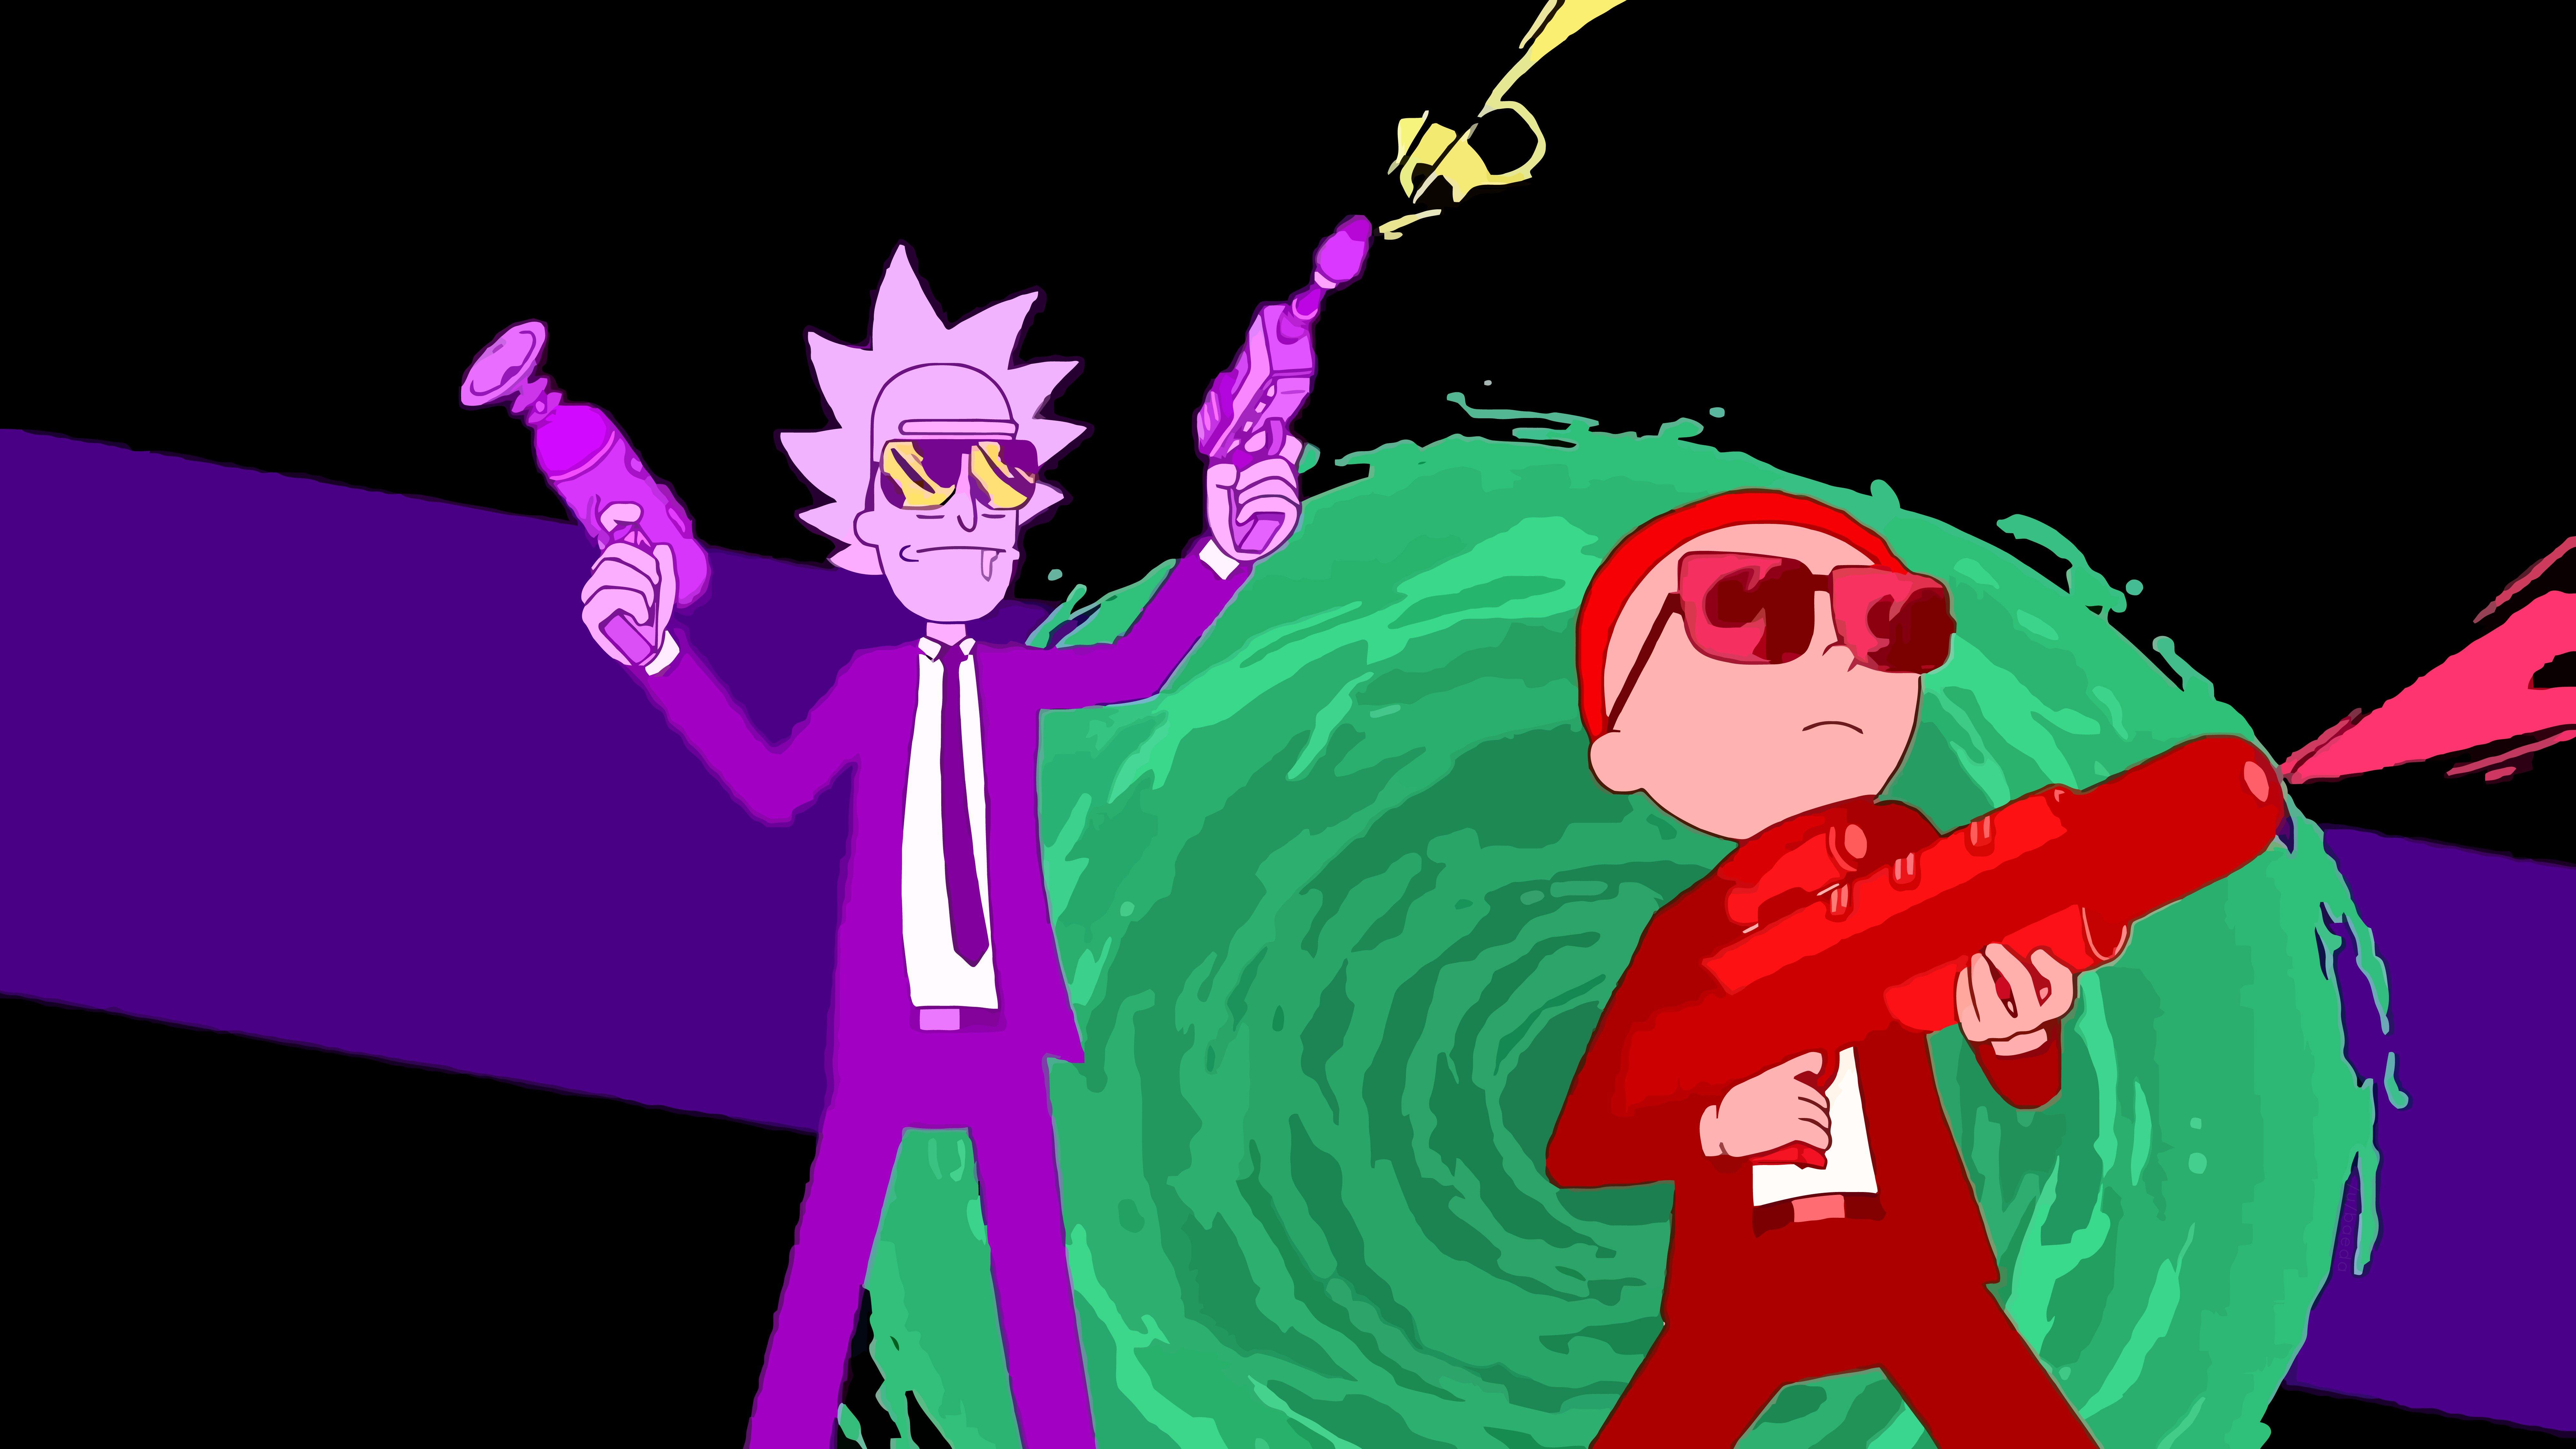 Fondos de pantalla Rick y Morty con armas